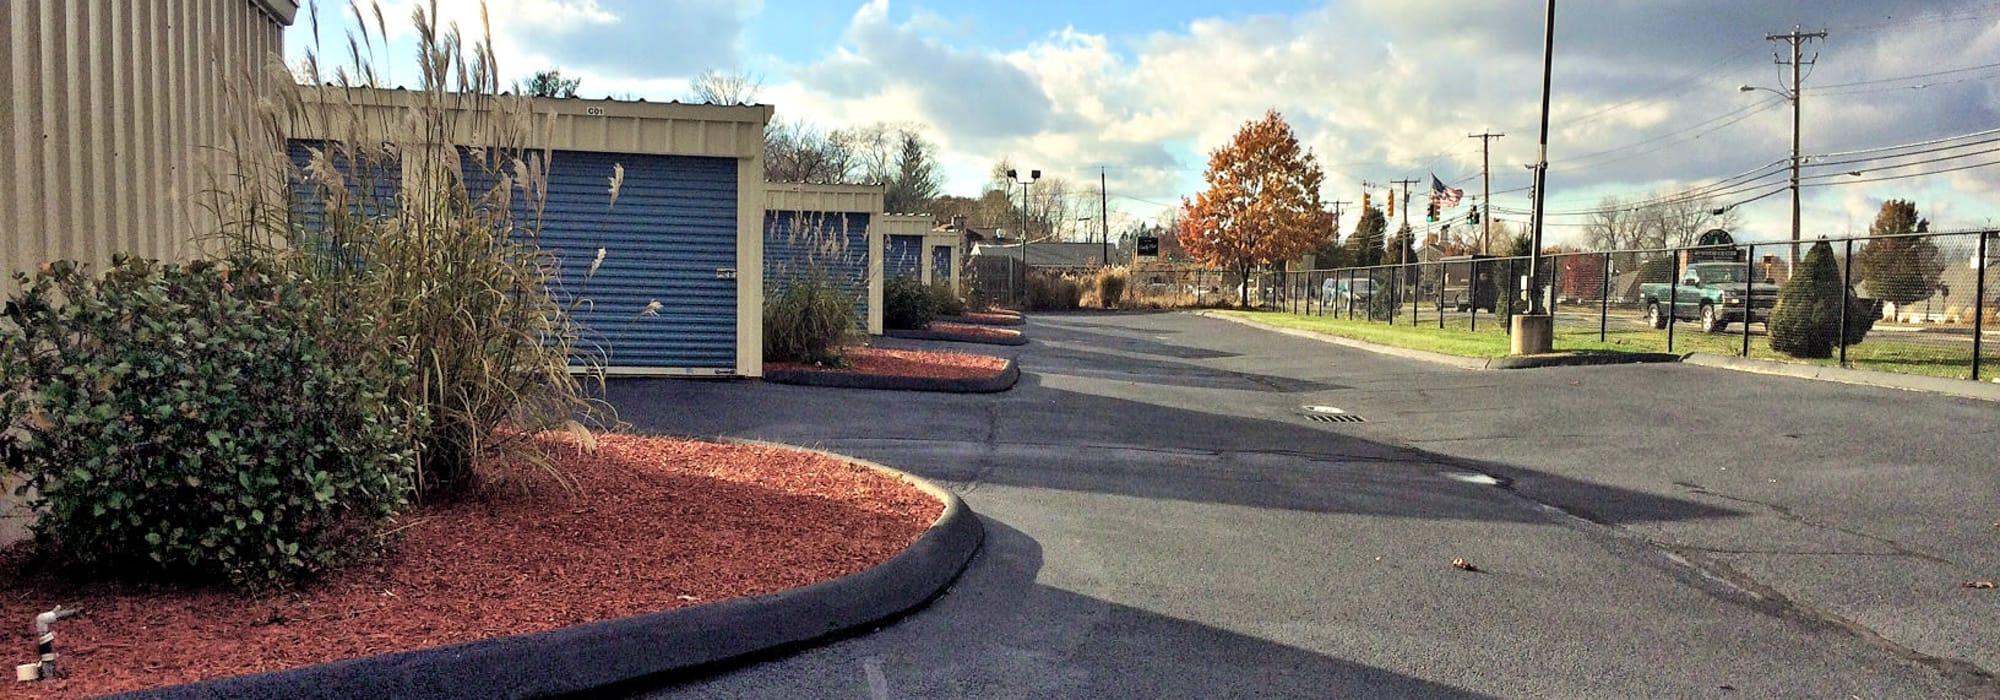 Prime Storage in Wilbraham, MA